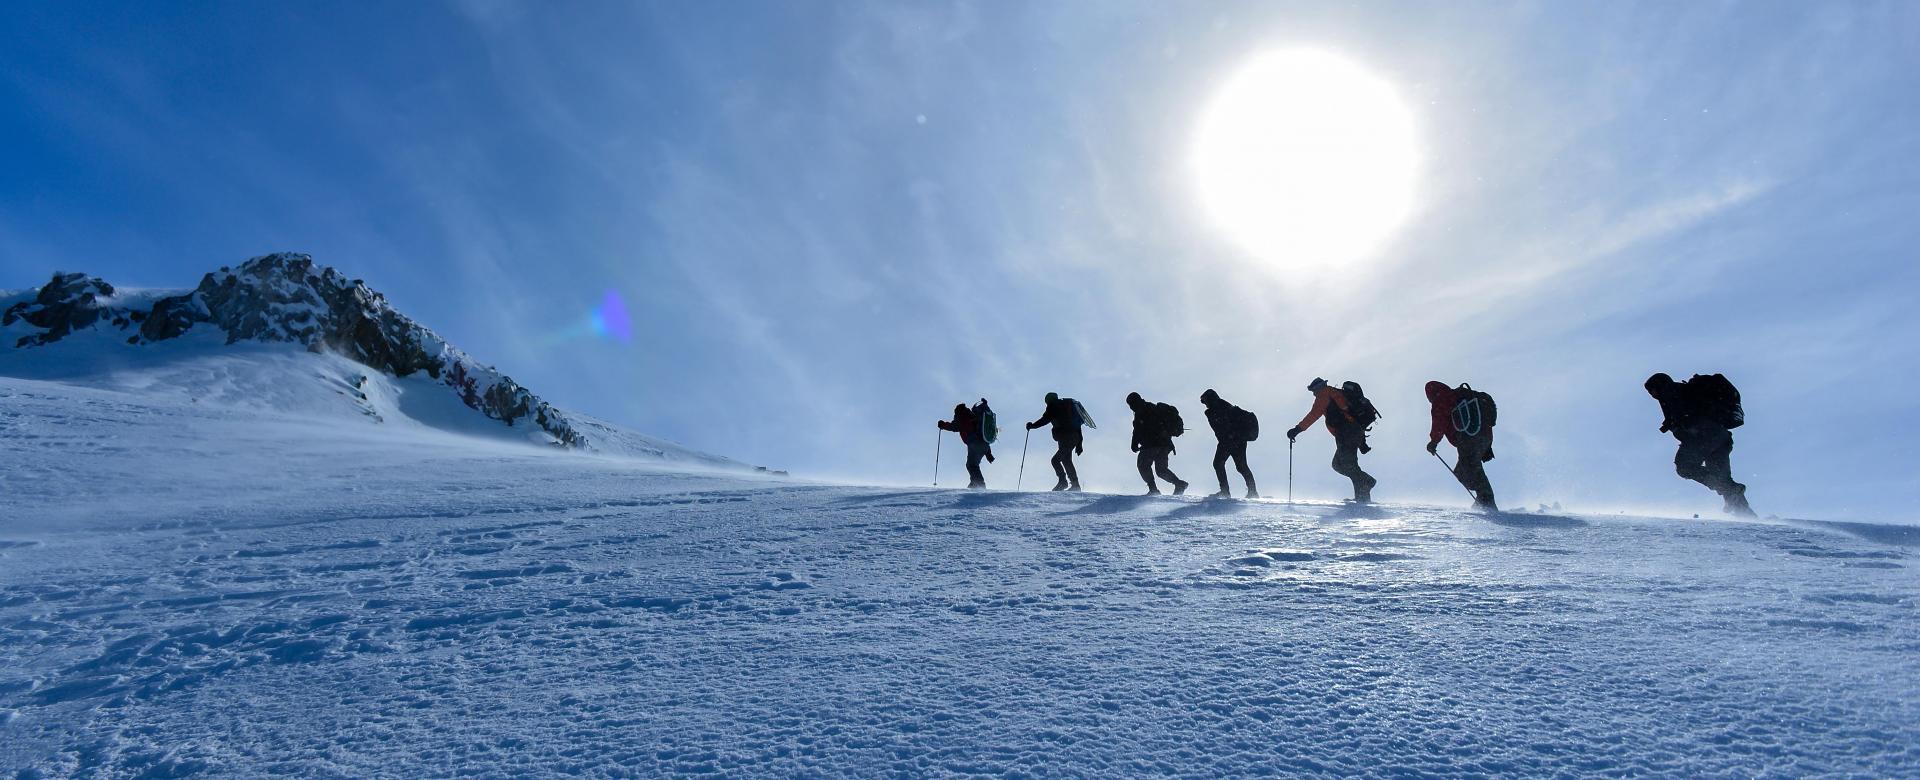 Voyage sur l'eau : Les dômes glaciaires de vanoise